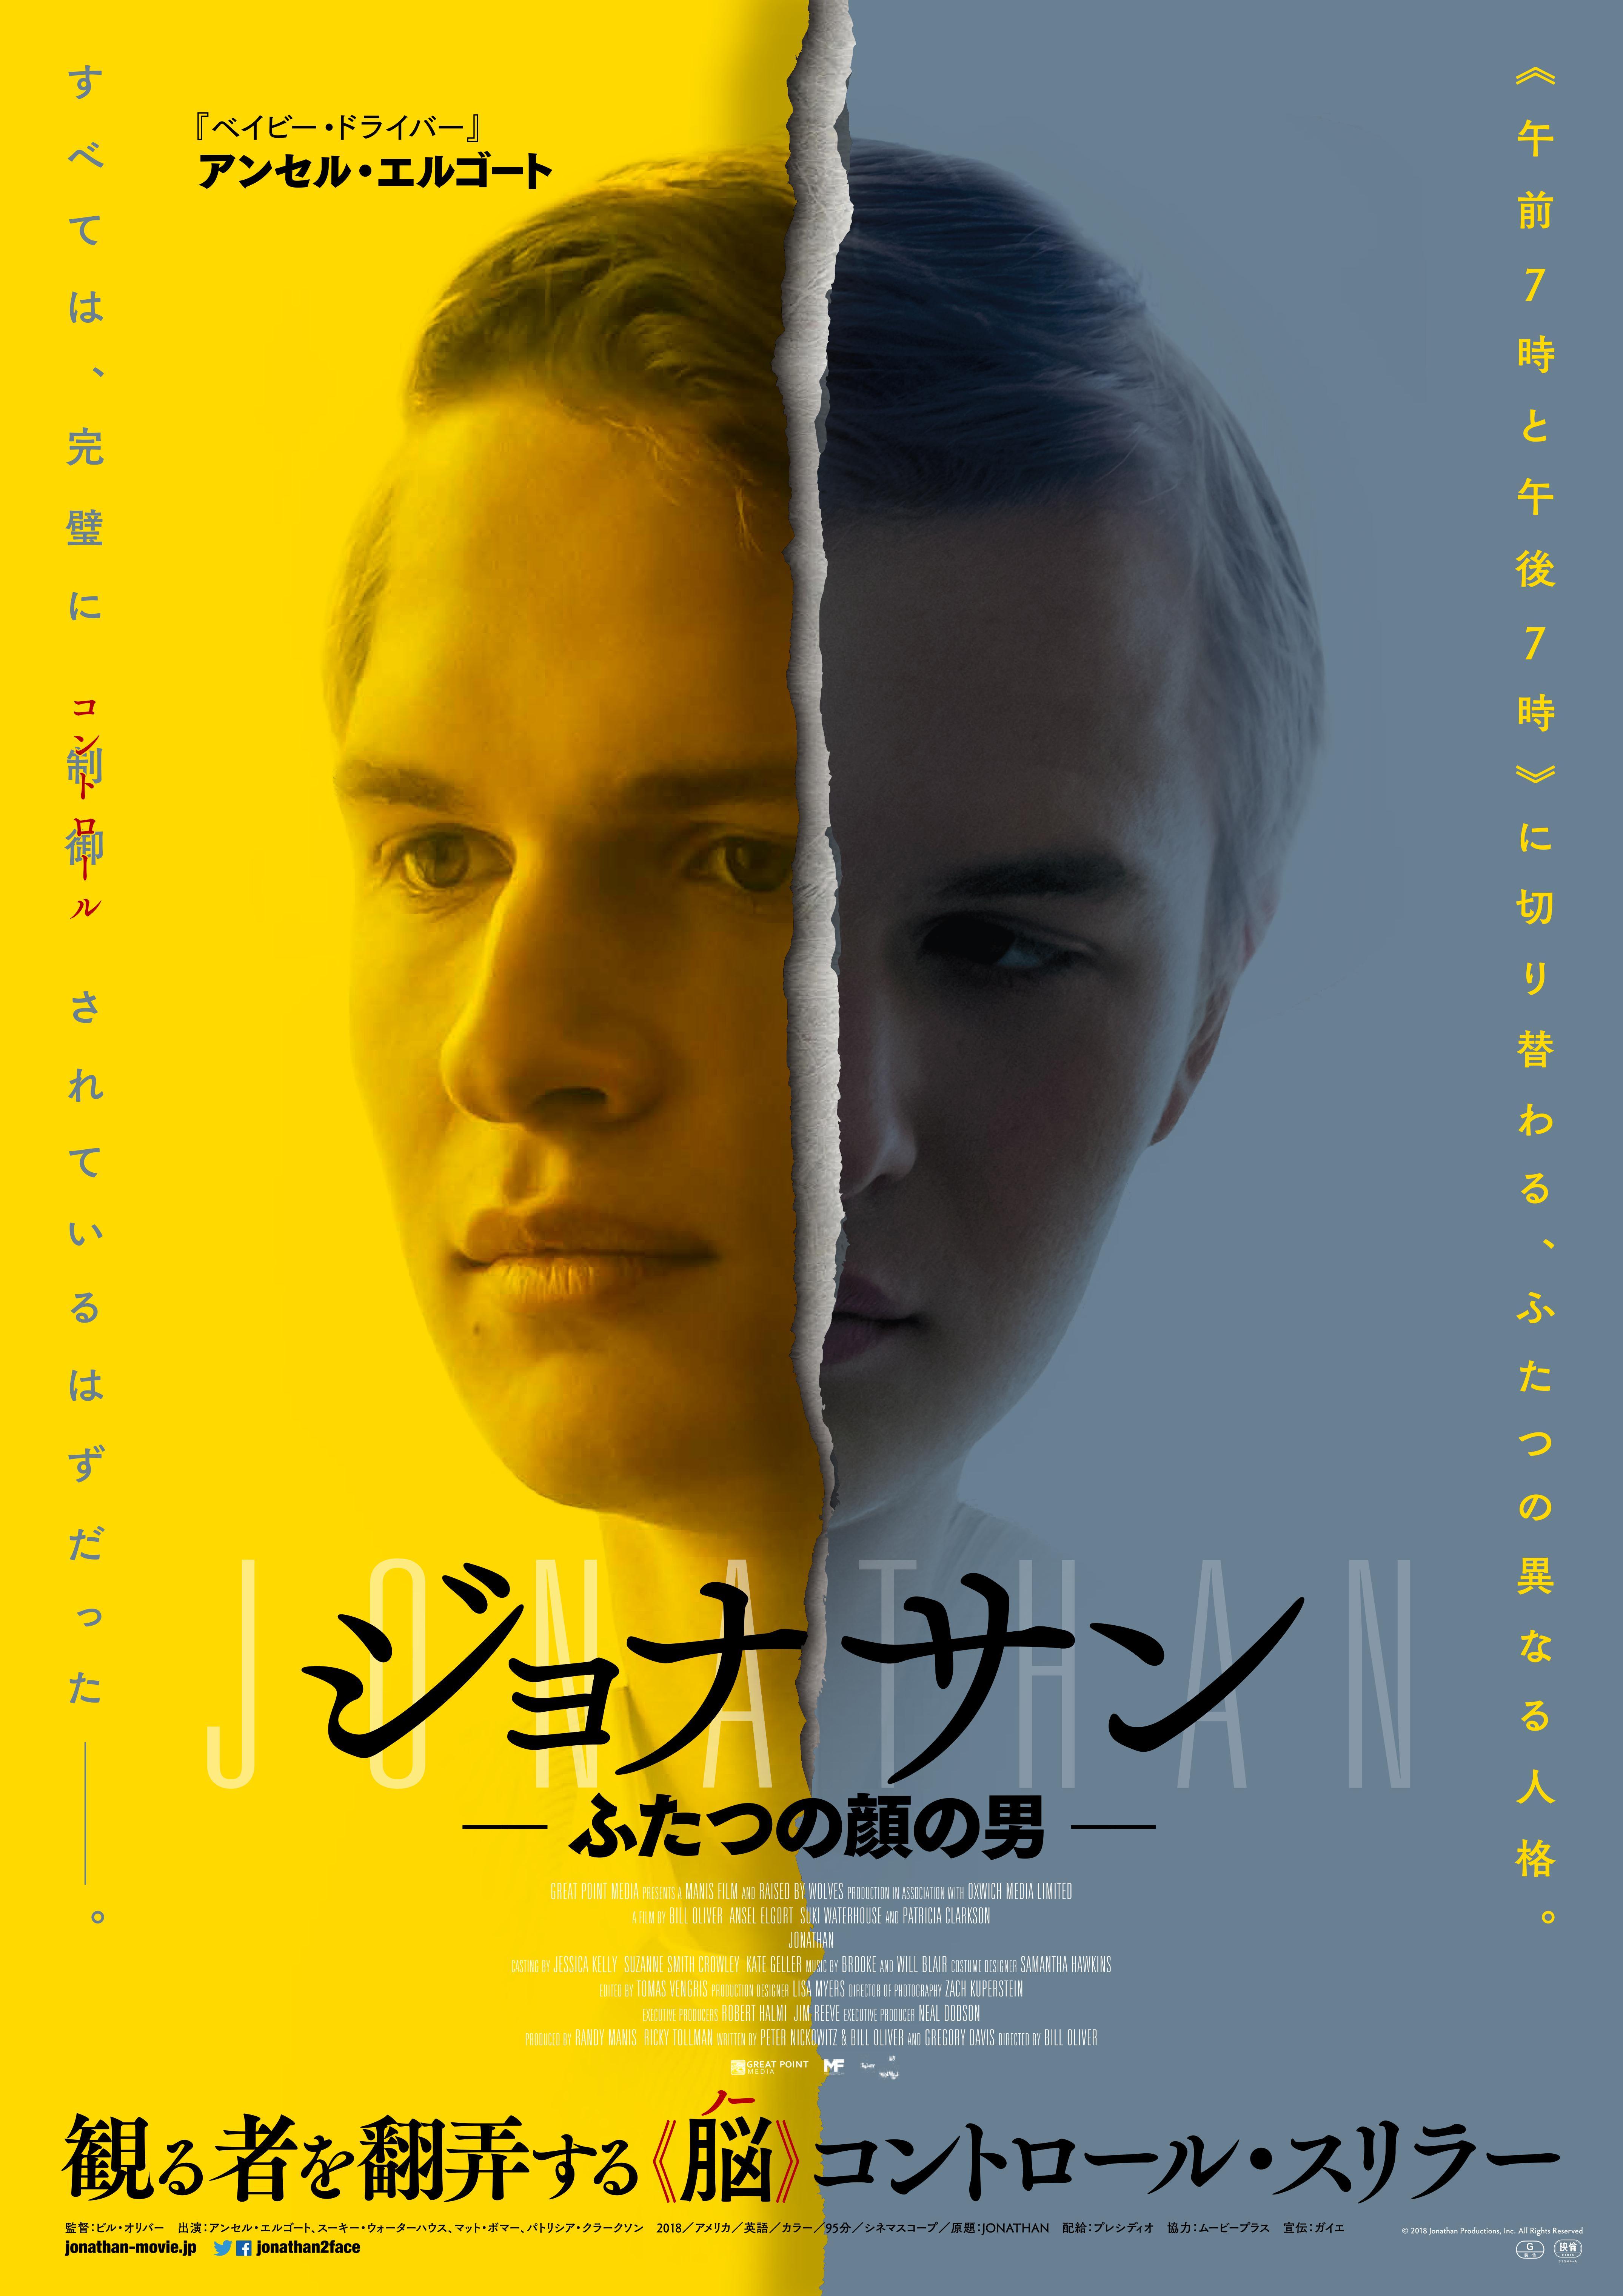 『ジョナサン‐ふたつの顔の男‐』